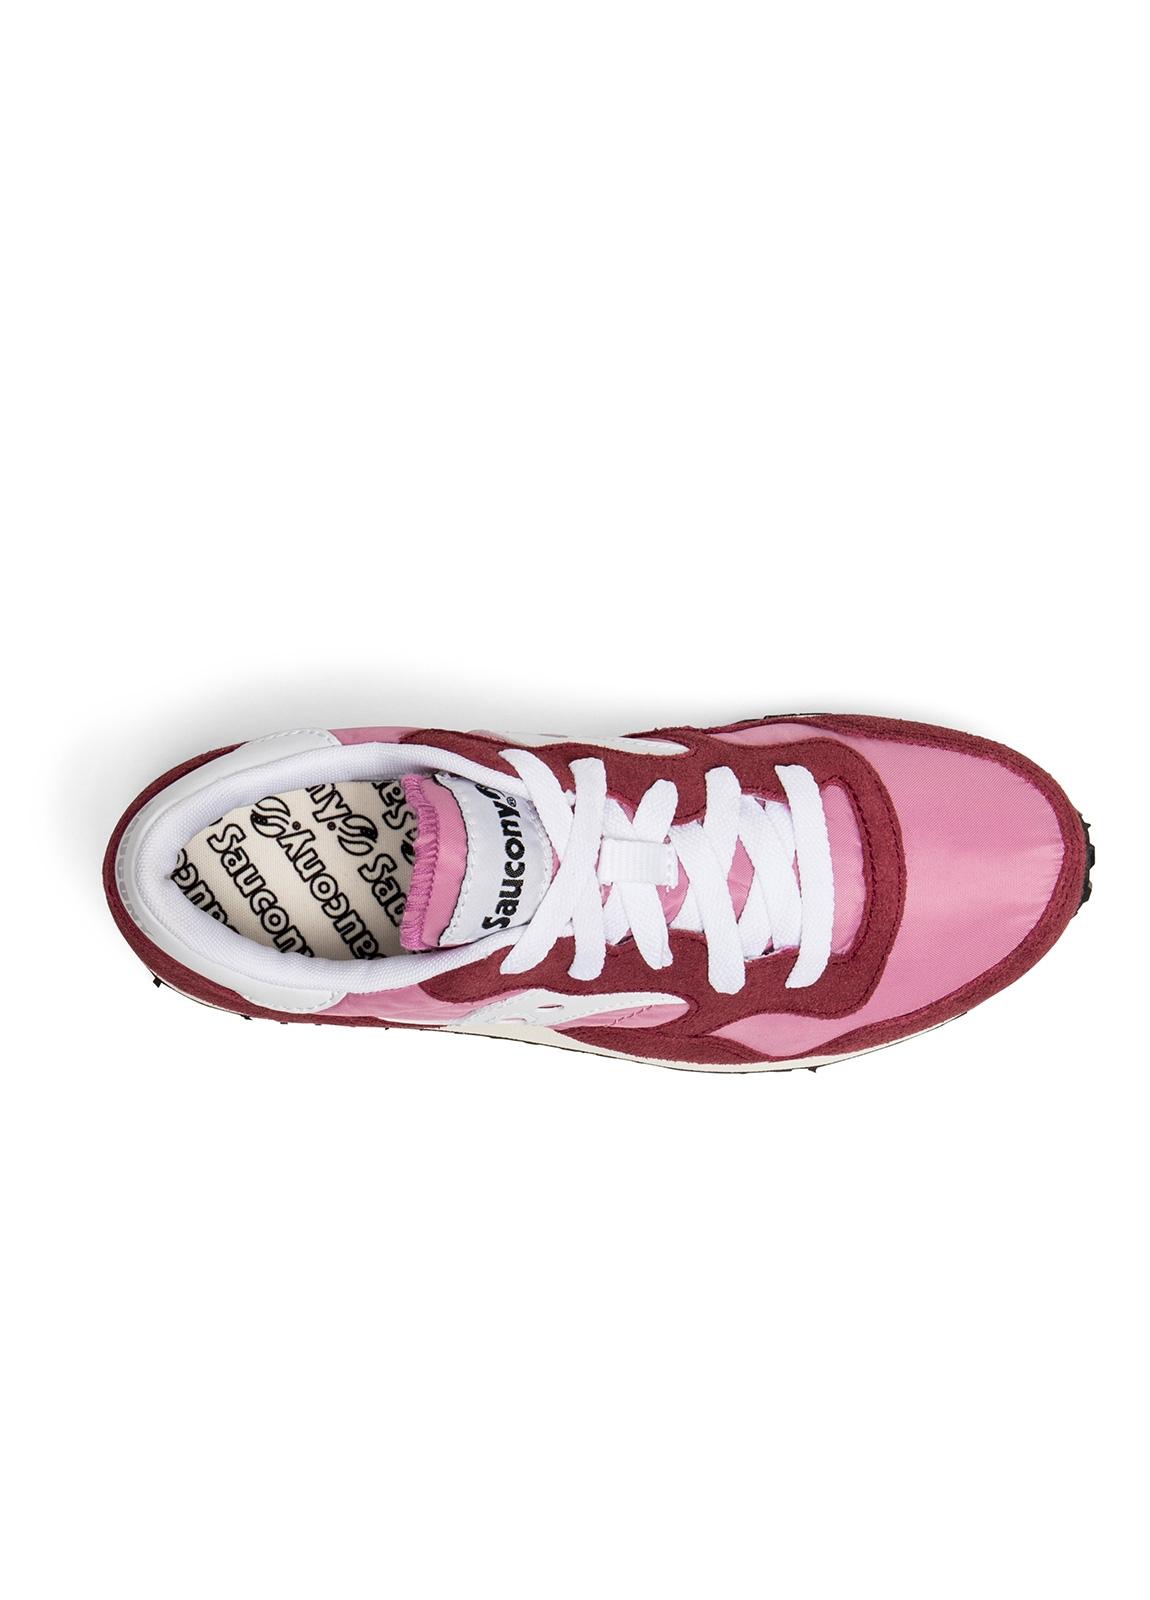 Bamba woman modelo VINT TRAINER color granate y rosa con detalles blancos. Combinación de serraje, tejido técnico y detalles en piel. - Ítem1